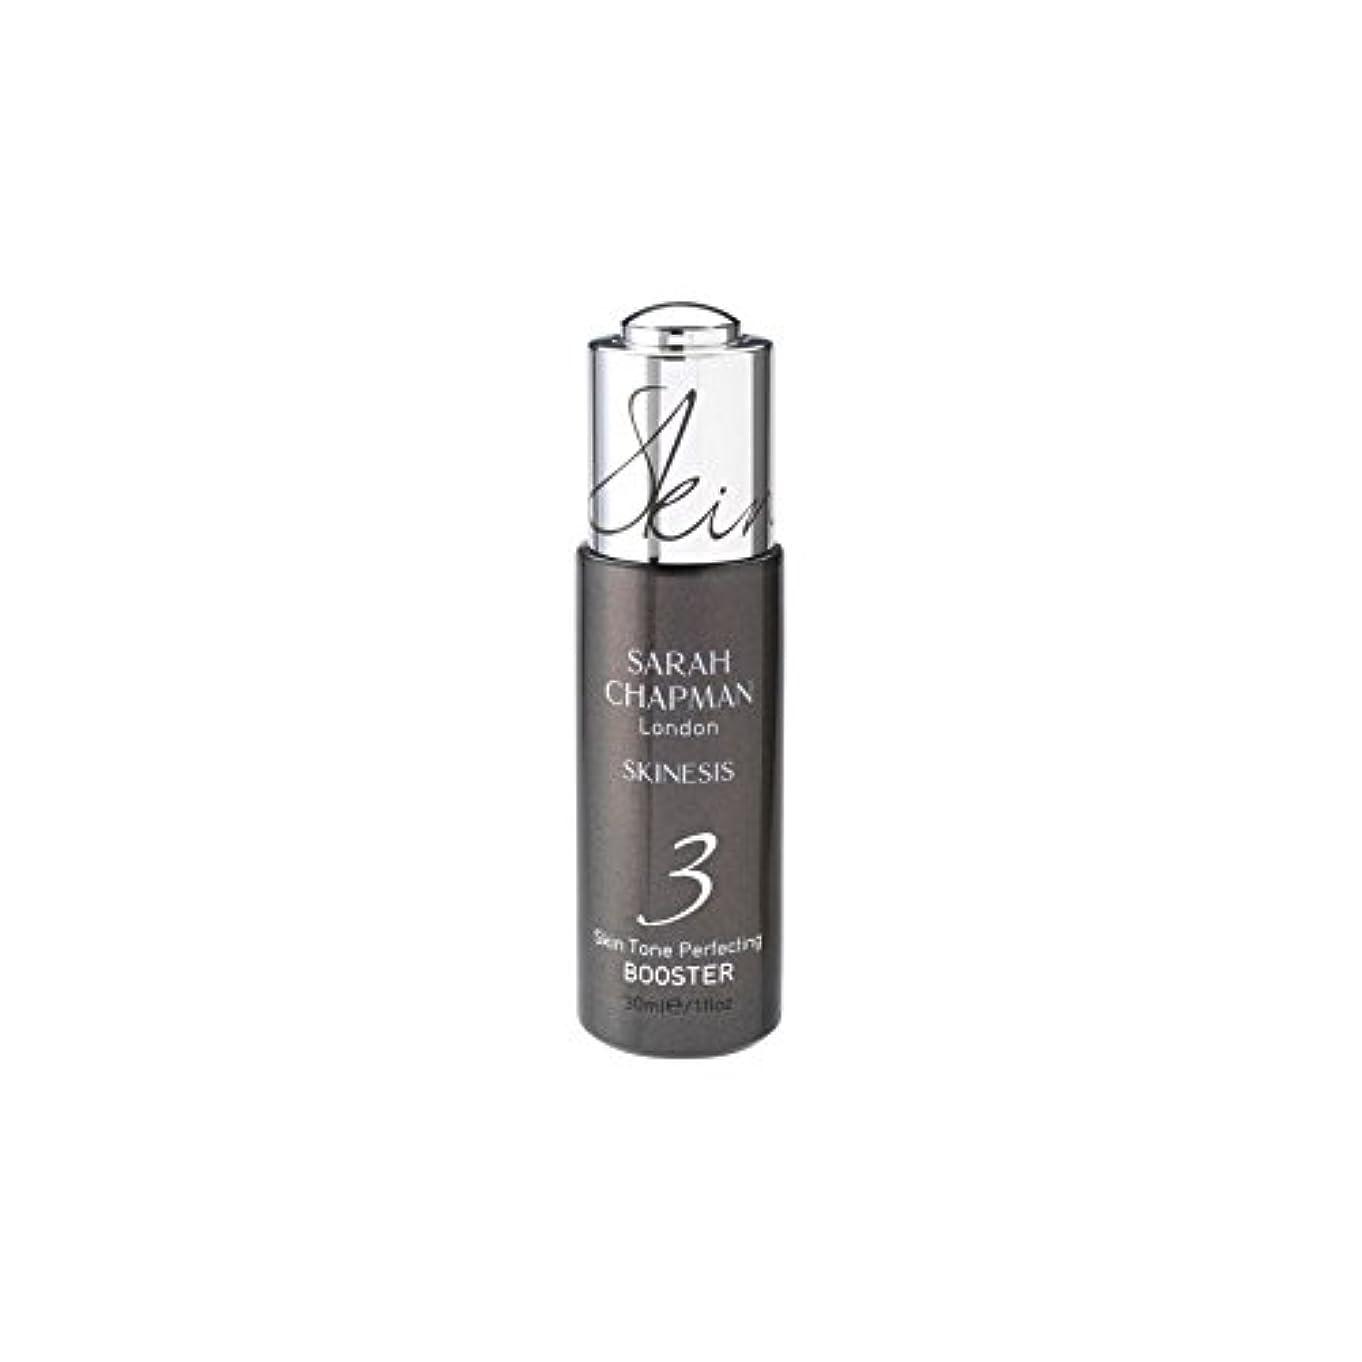 クラブ十分ではない報告書Sarah Chapman Skinesis Skin Tone Perfecting Booster (30ml) (Pack of 6) - サラ?チャップマン肌色完成ブースター(30ミリリットル) x6 [並行輸入品]